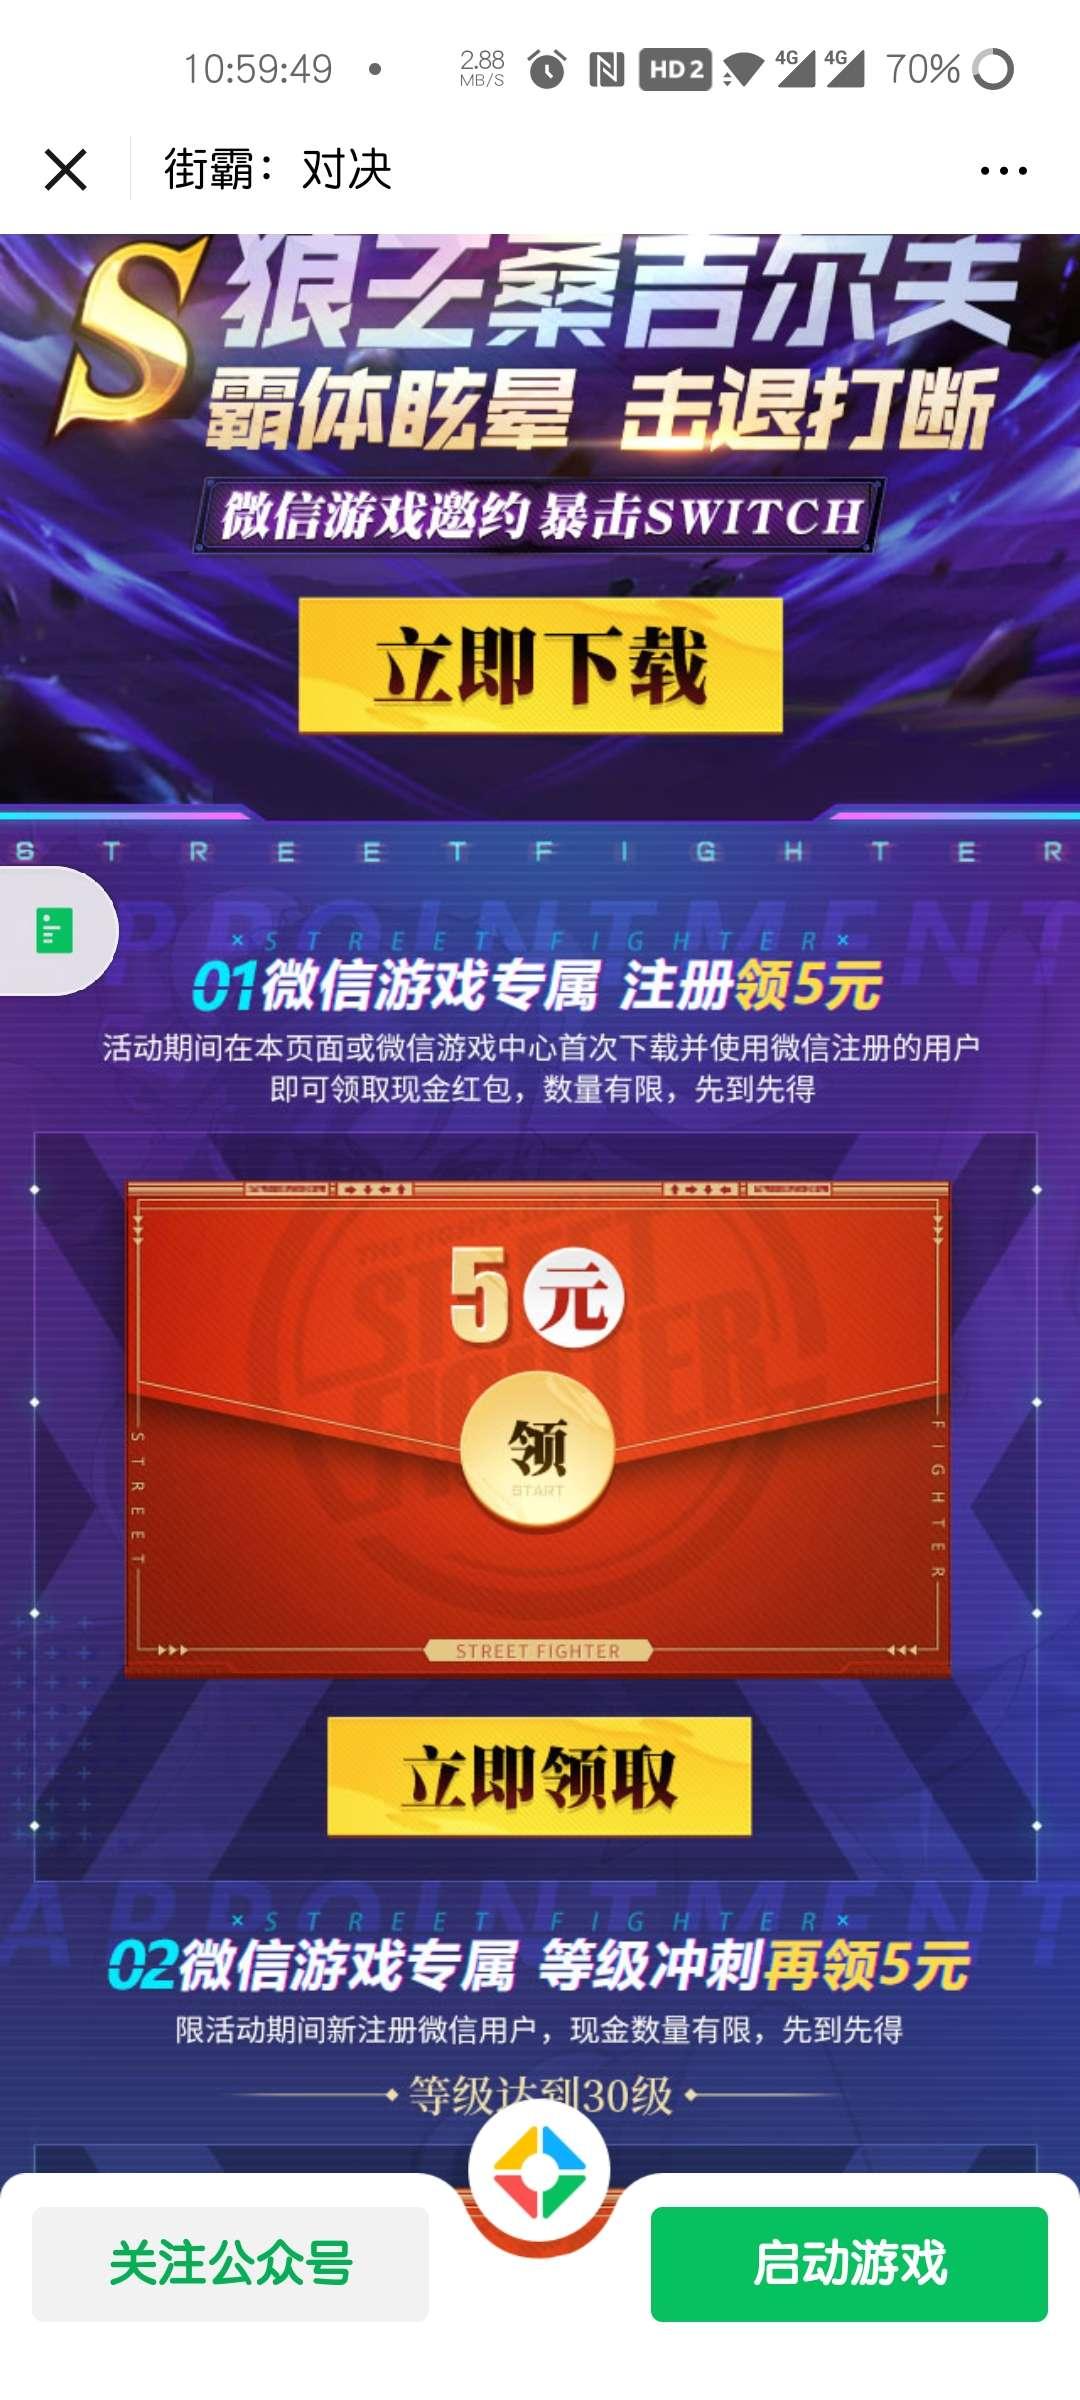 街霸微信游戏新用户注册领微信红包插图